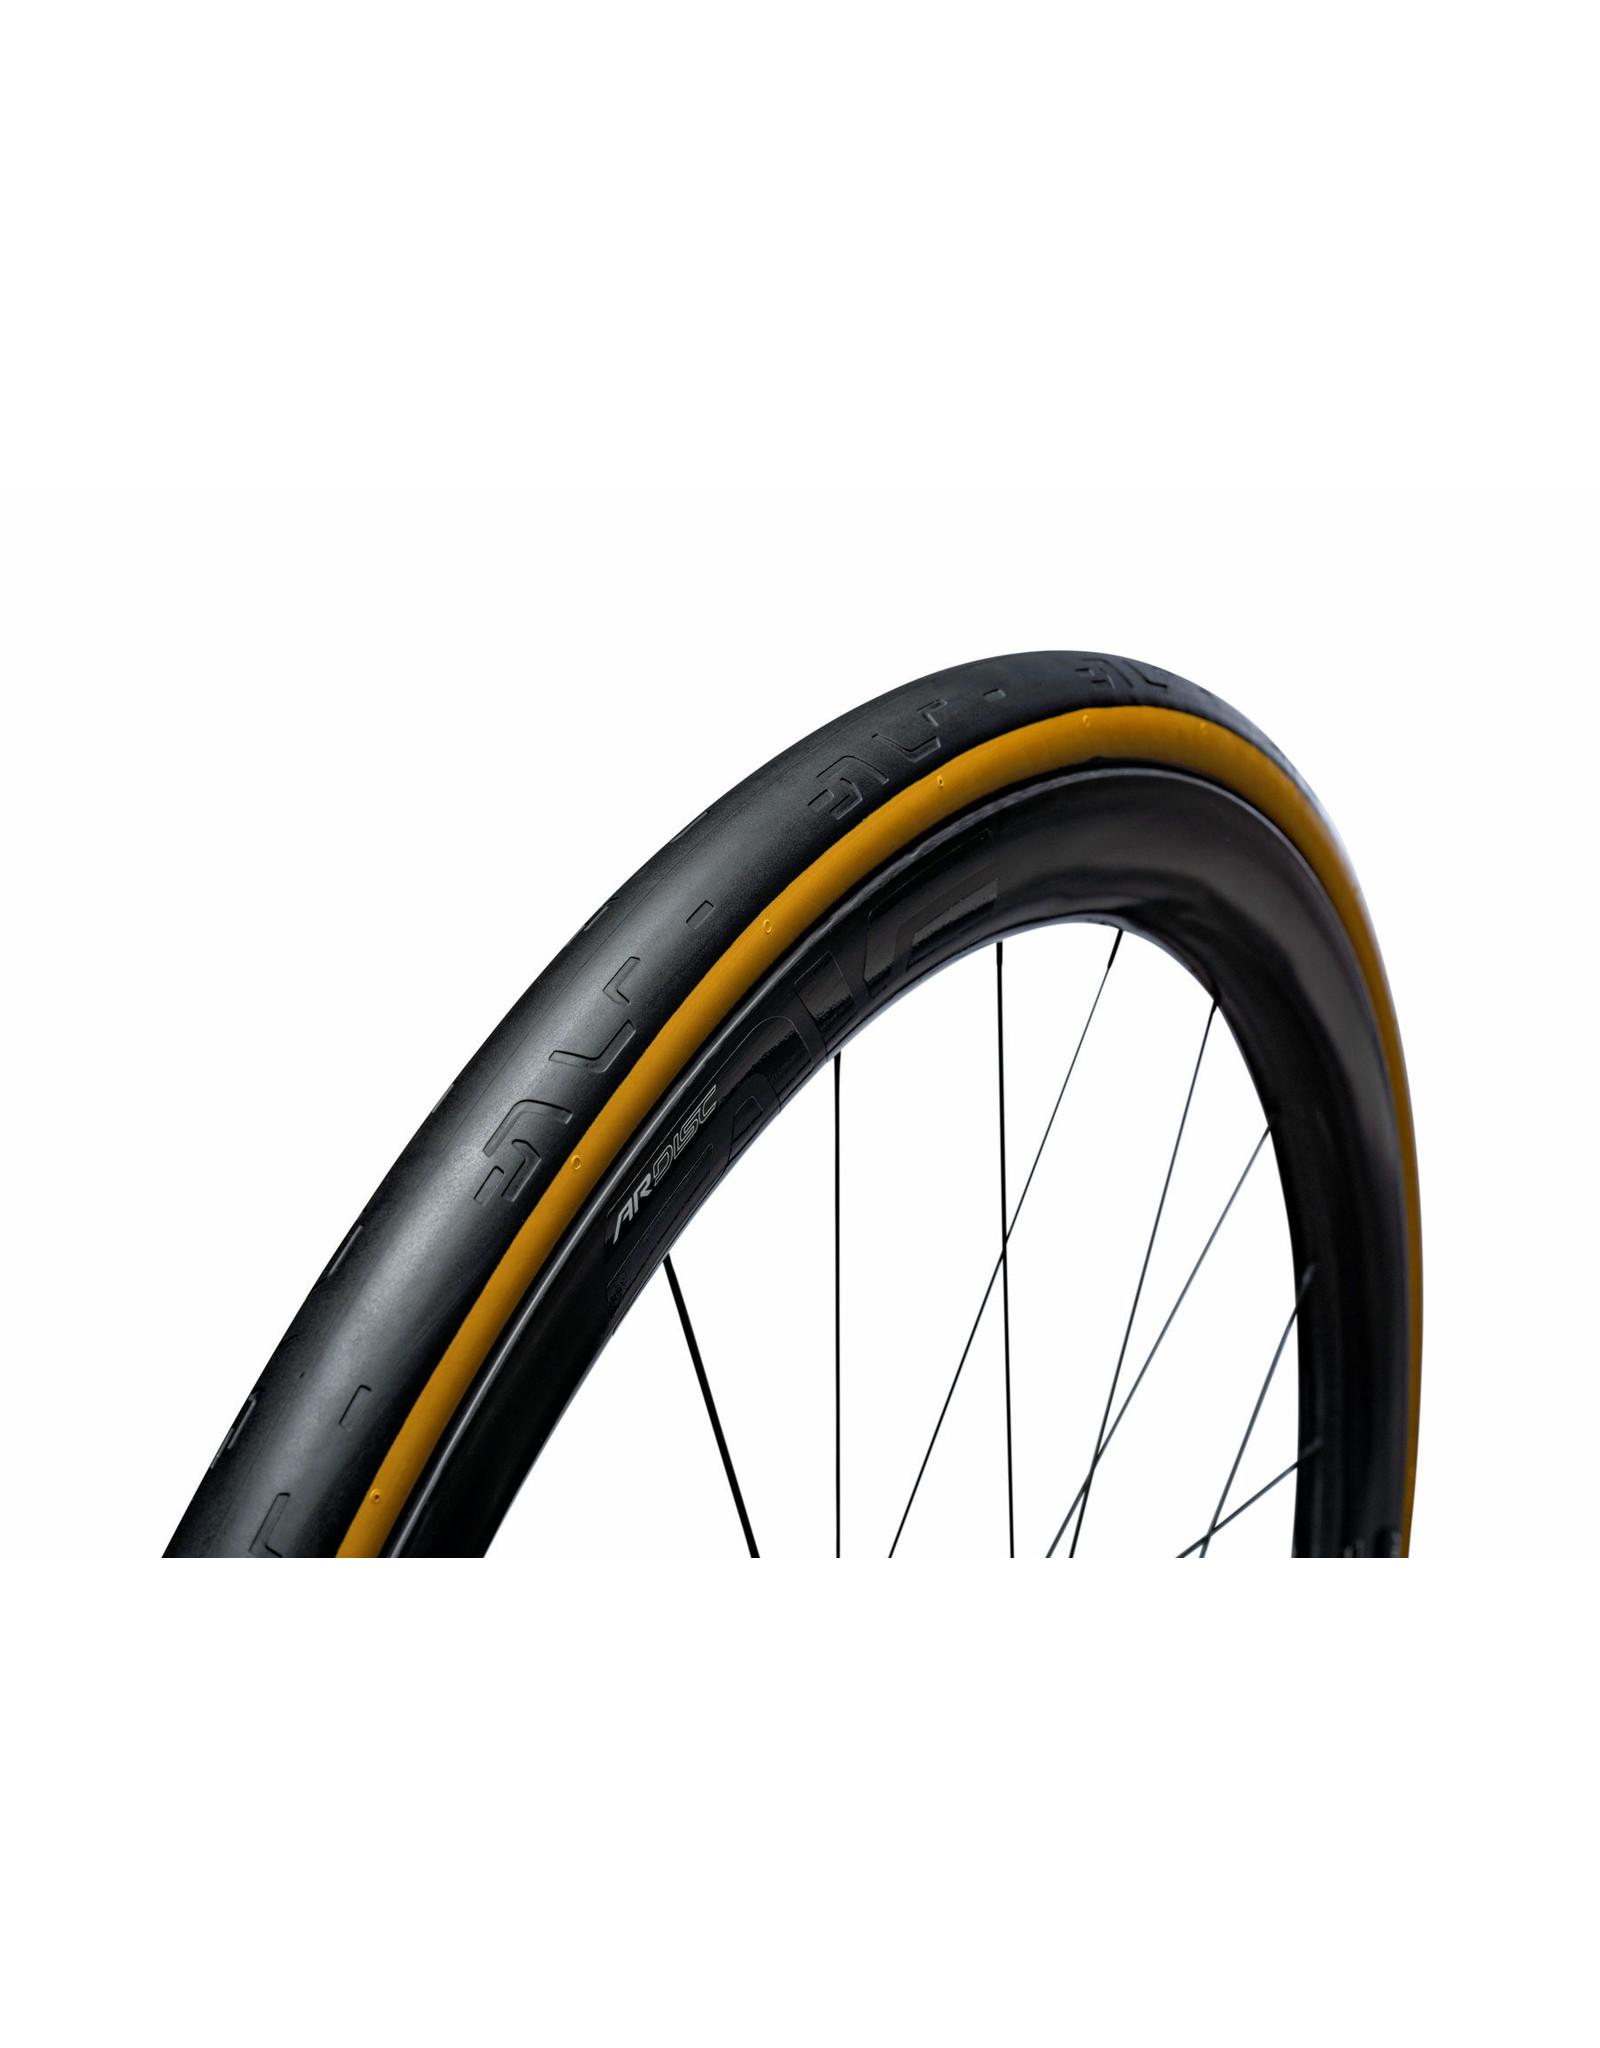 ENVE Composites ENVE SES Tubeless Road Tire